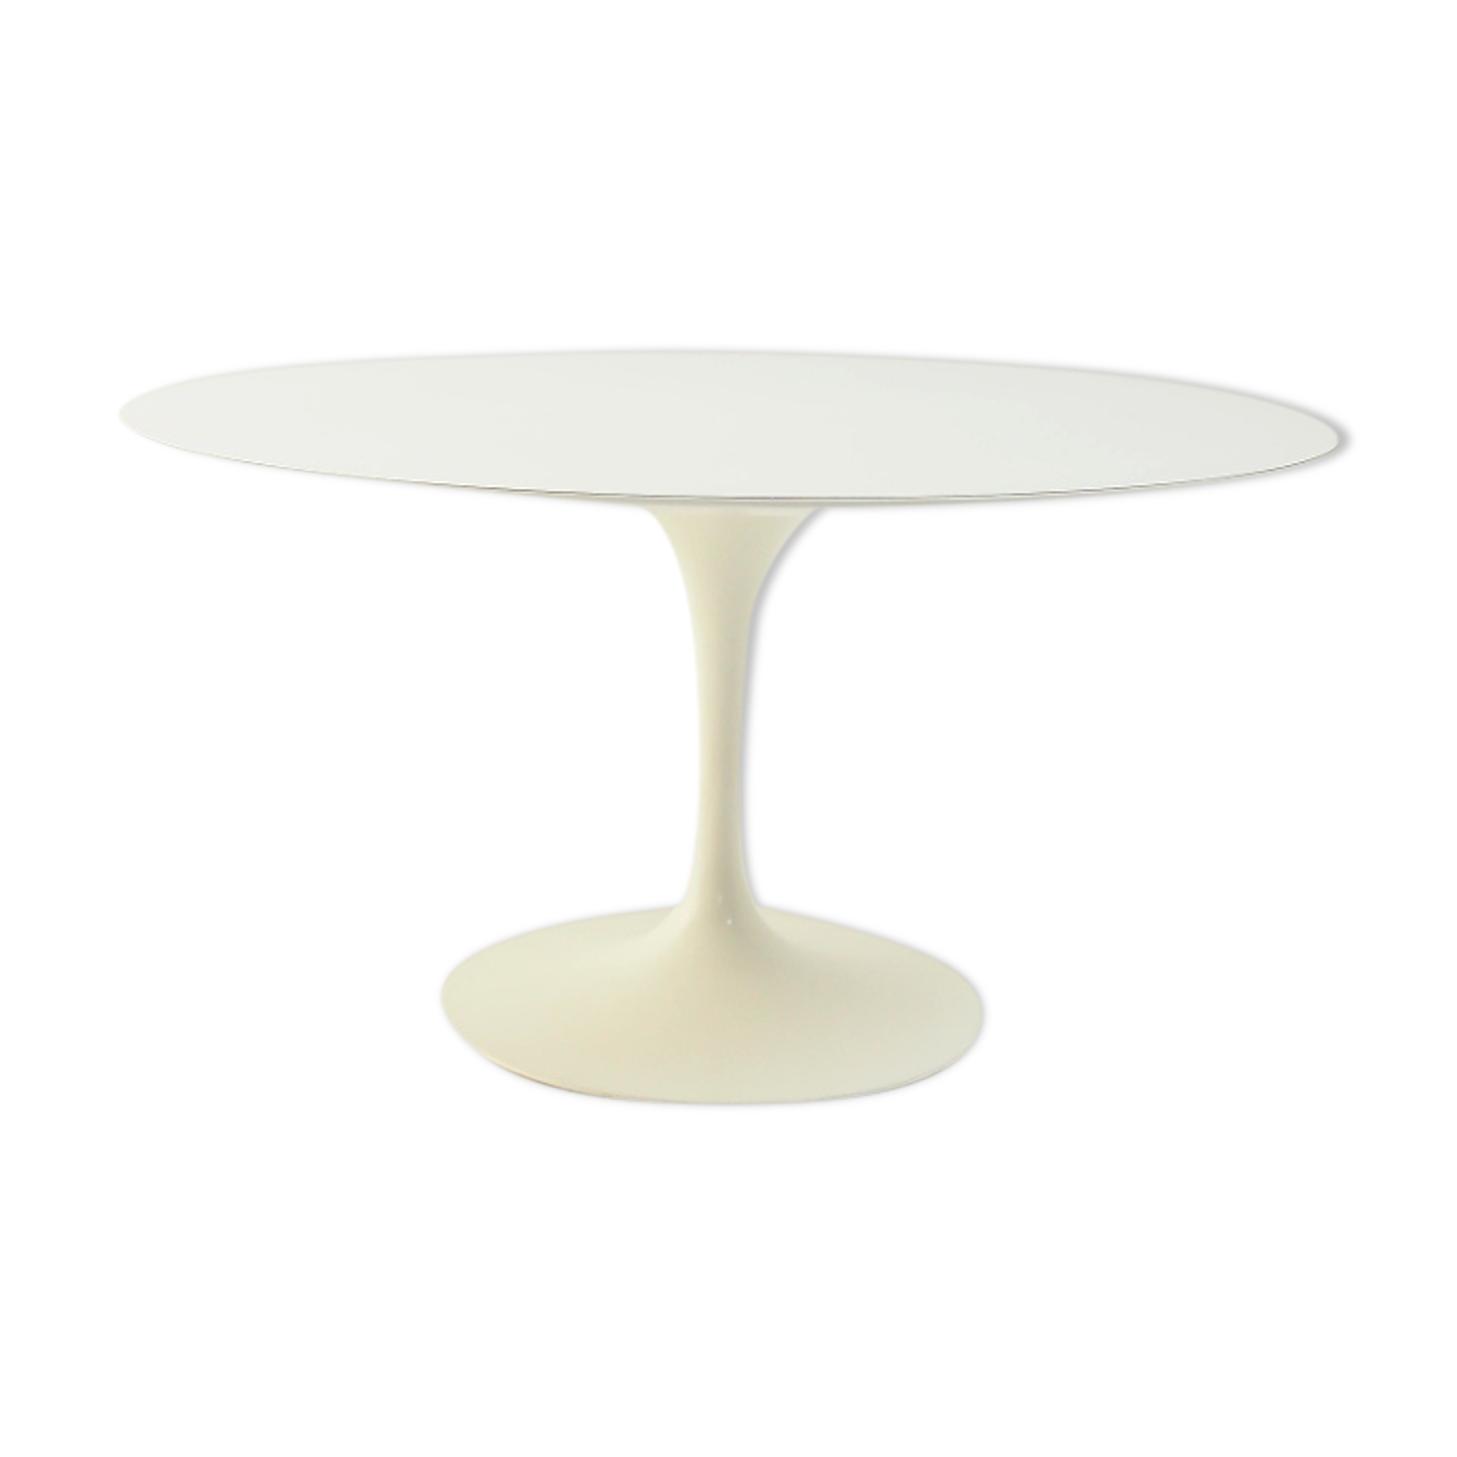 Table à manger Tulip par Eero Saarinen pour Knoll, 136 cm